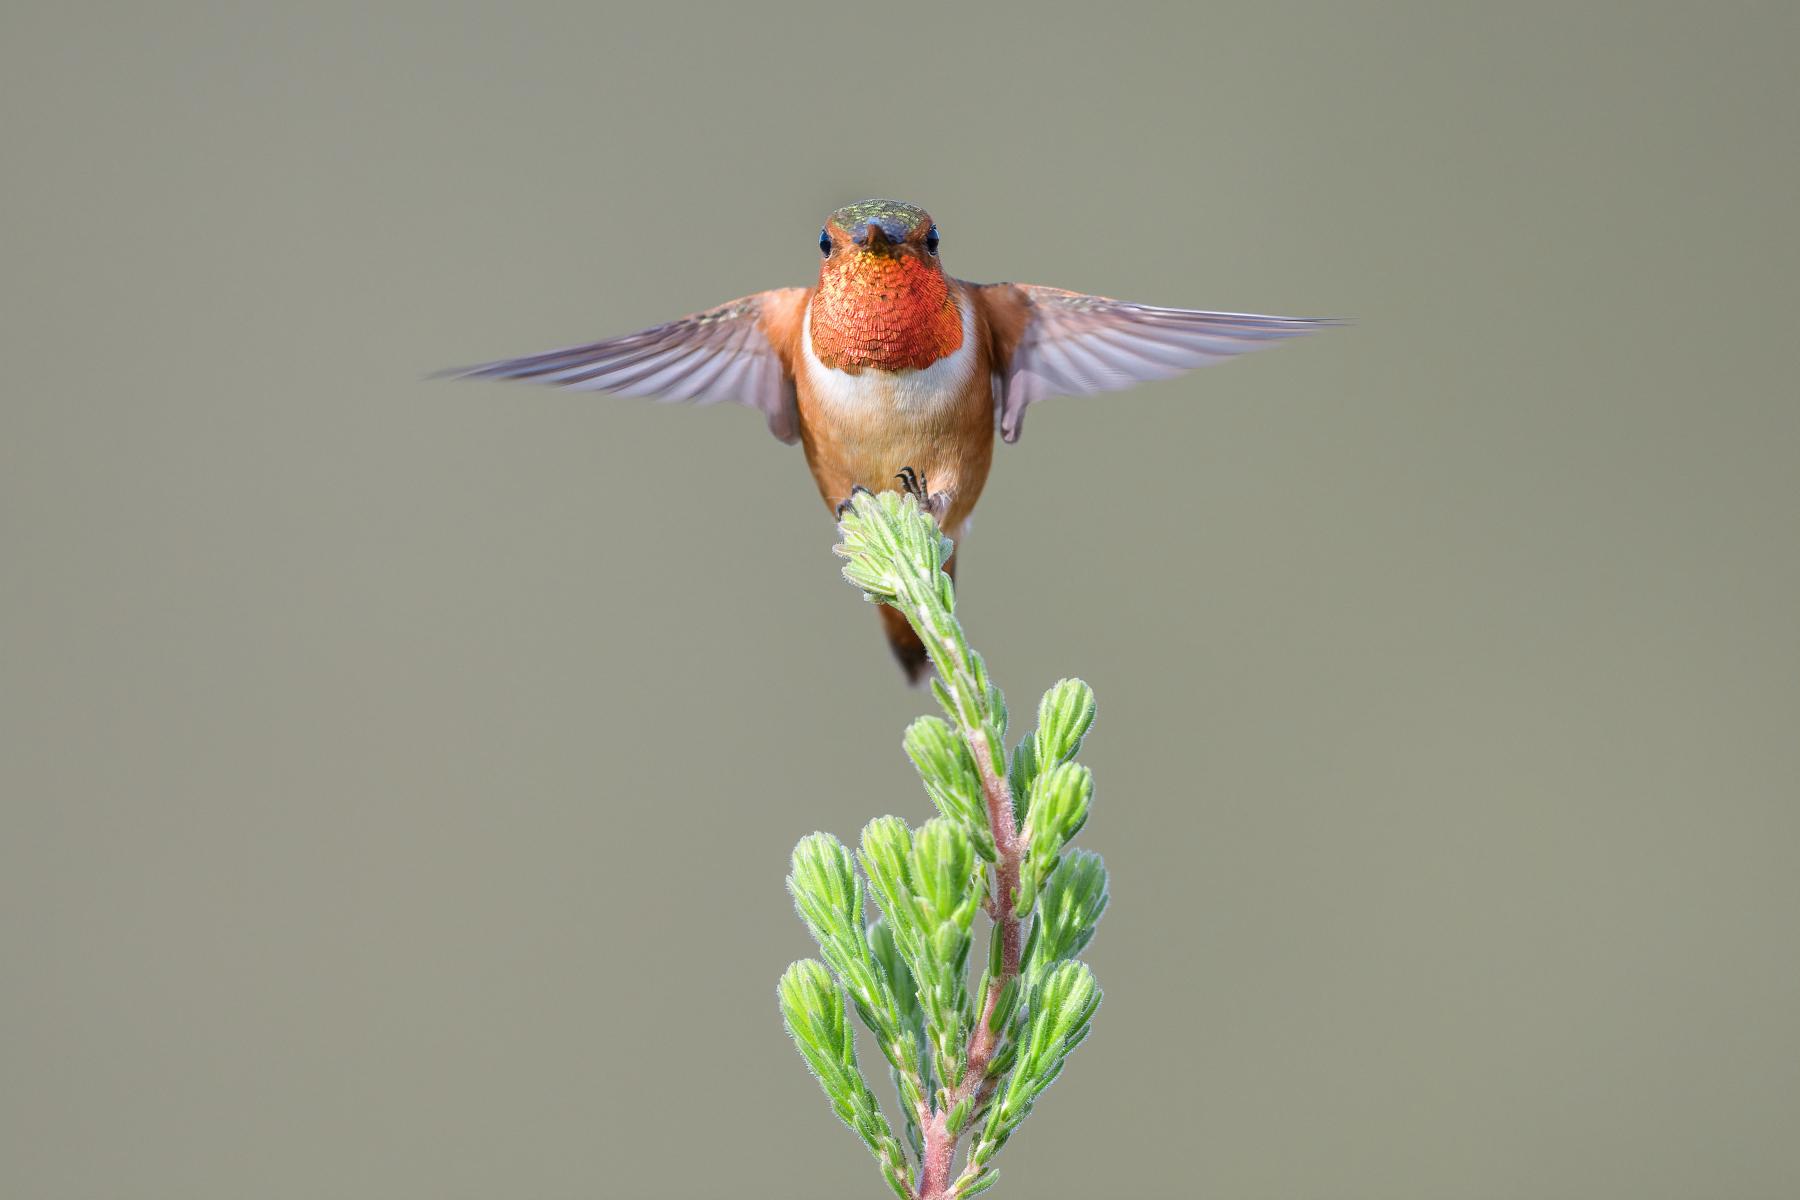 Allen's Hummingbird by Jacqueline Deely